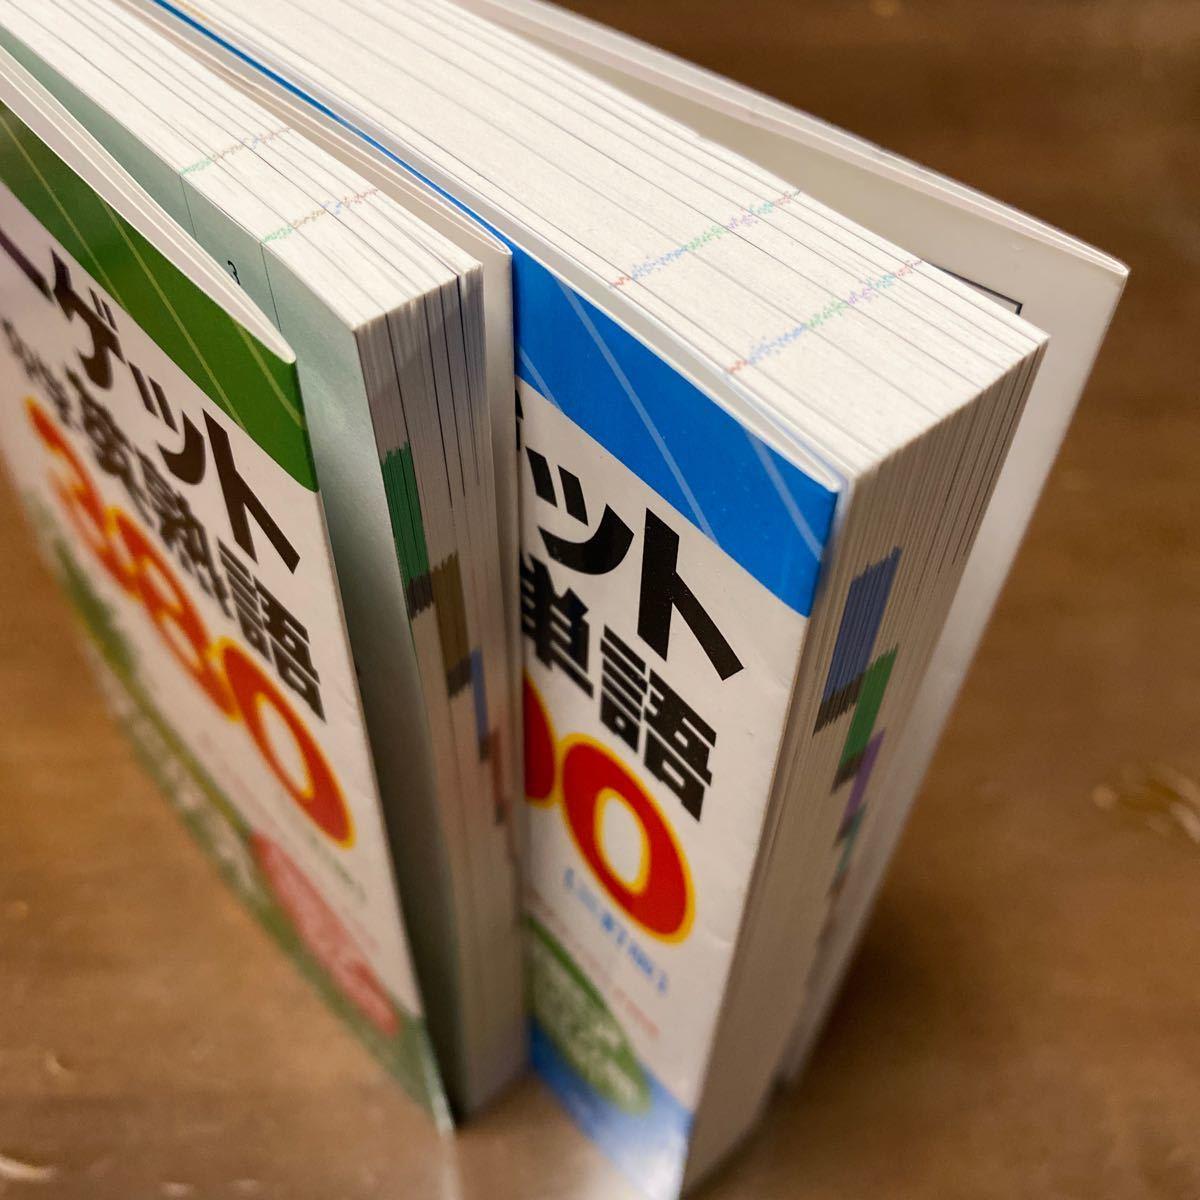 【旺文社】高校入試 デル順ターゲット 中学『英熟語 380』『英単語1800』2冊セット 暗記定番 見て覚えるポケット版 美品_画像2